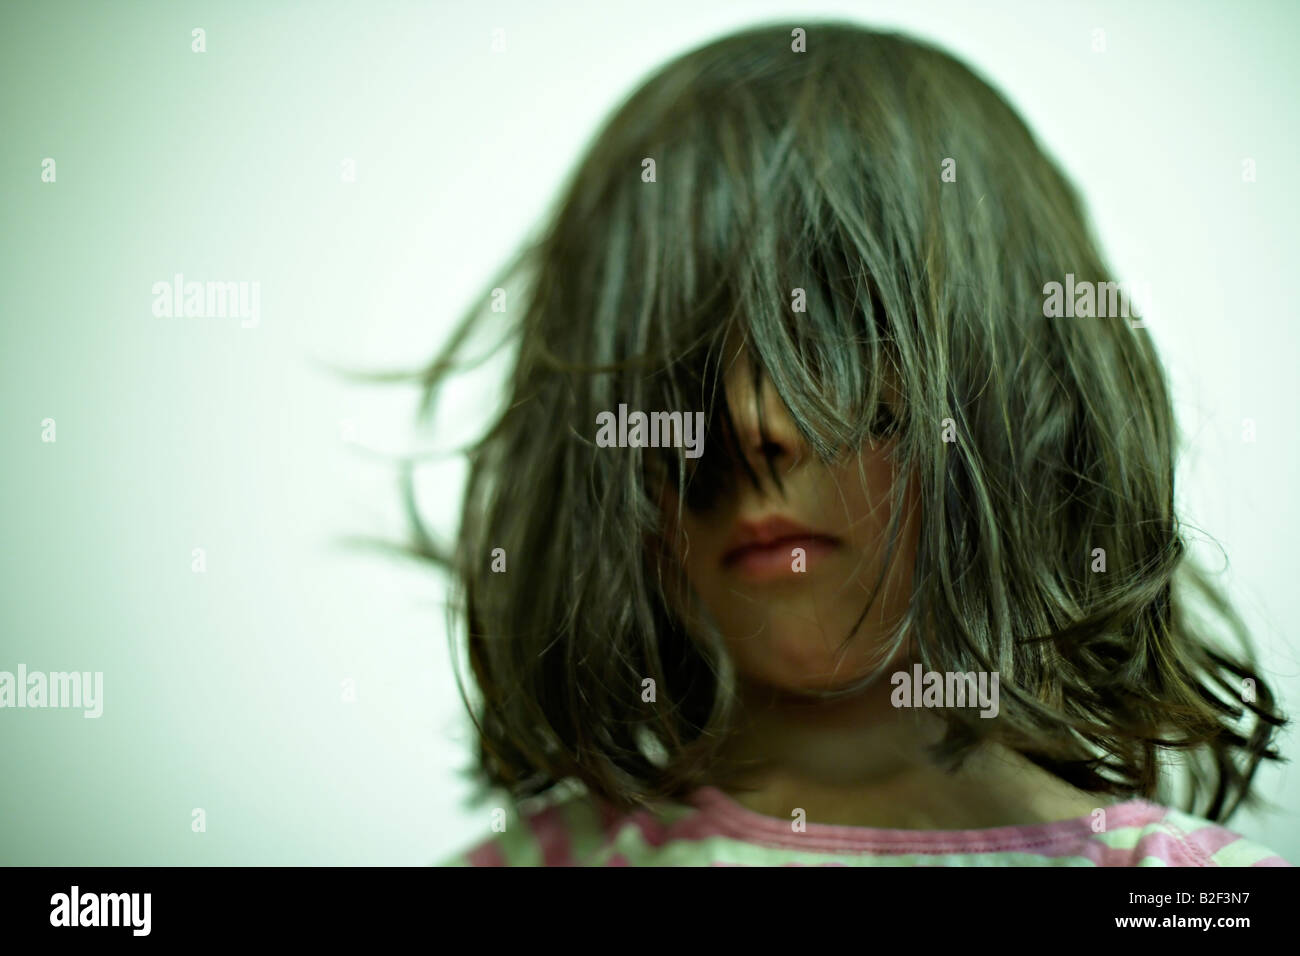 Fünf Jahre altes Mädchen mit strubbeligem Haar Stockbild